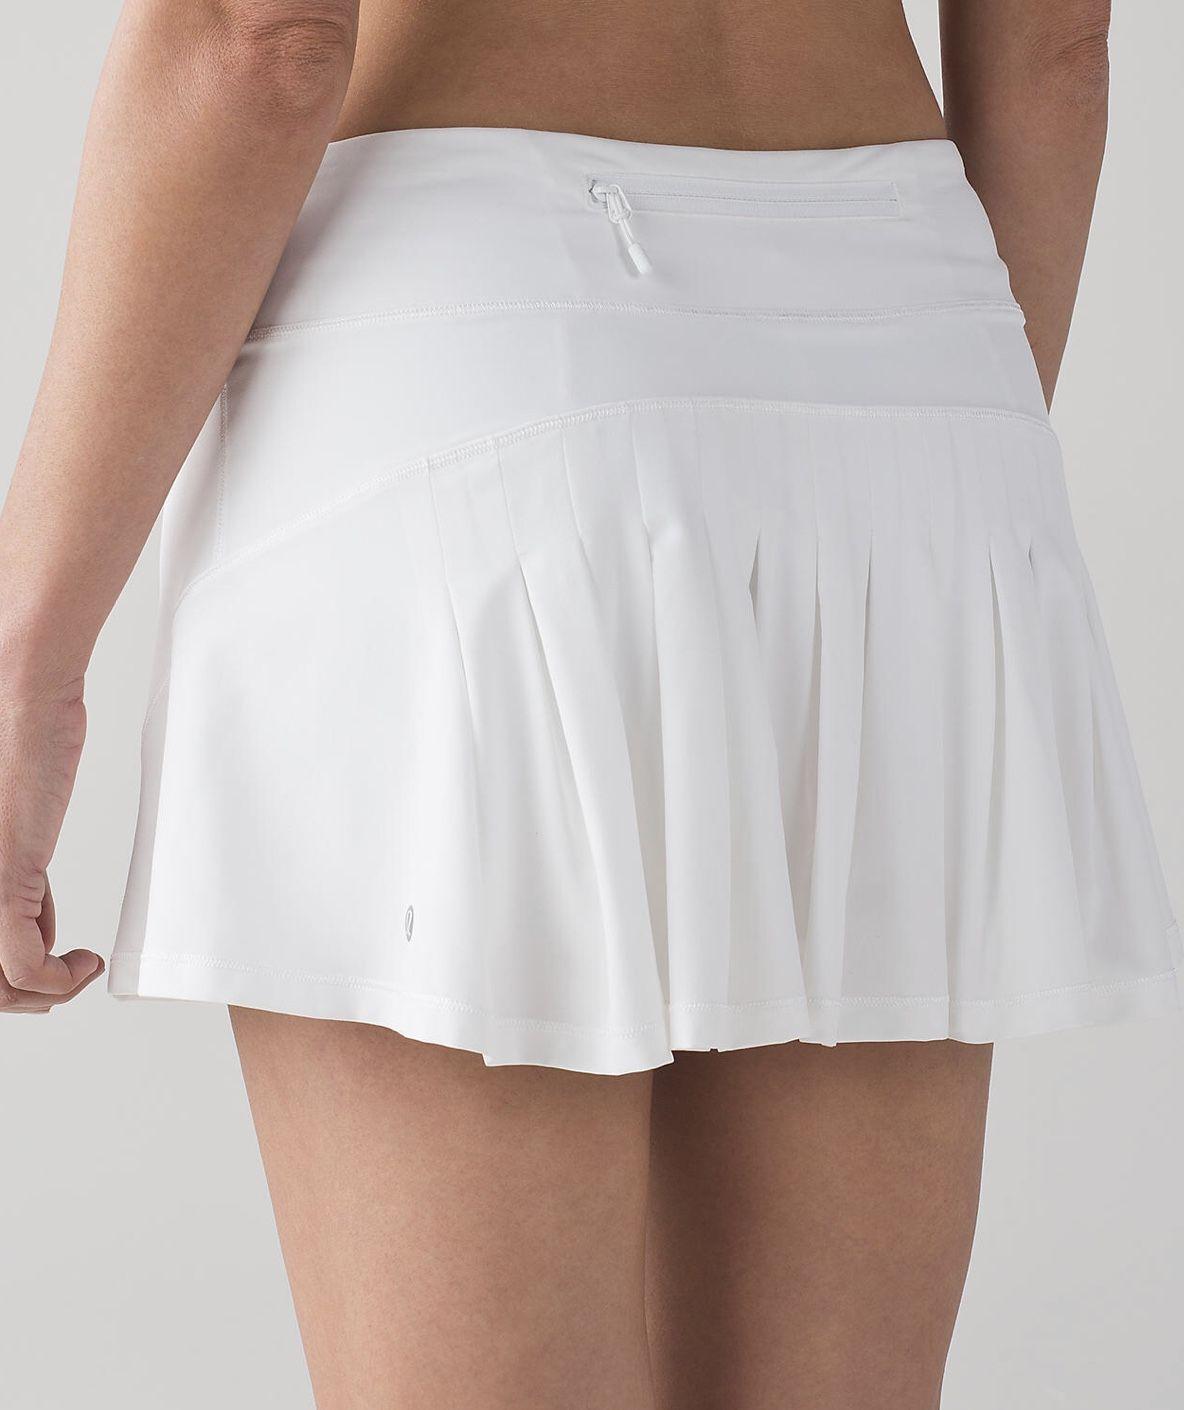 White Lululemon Tennis Skirt Tennis Skirt Outfit Lululemon Skirt Tennis White Tennis Skirt